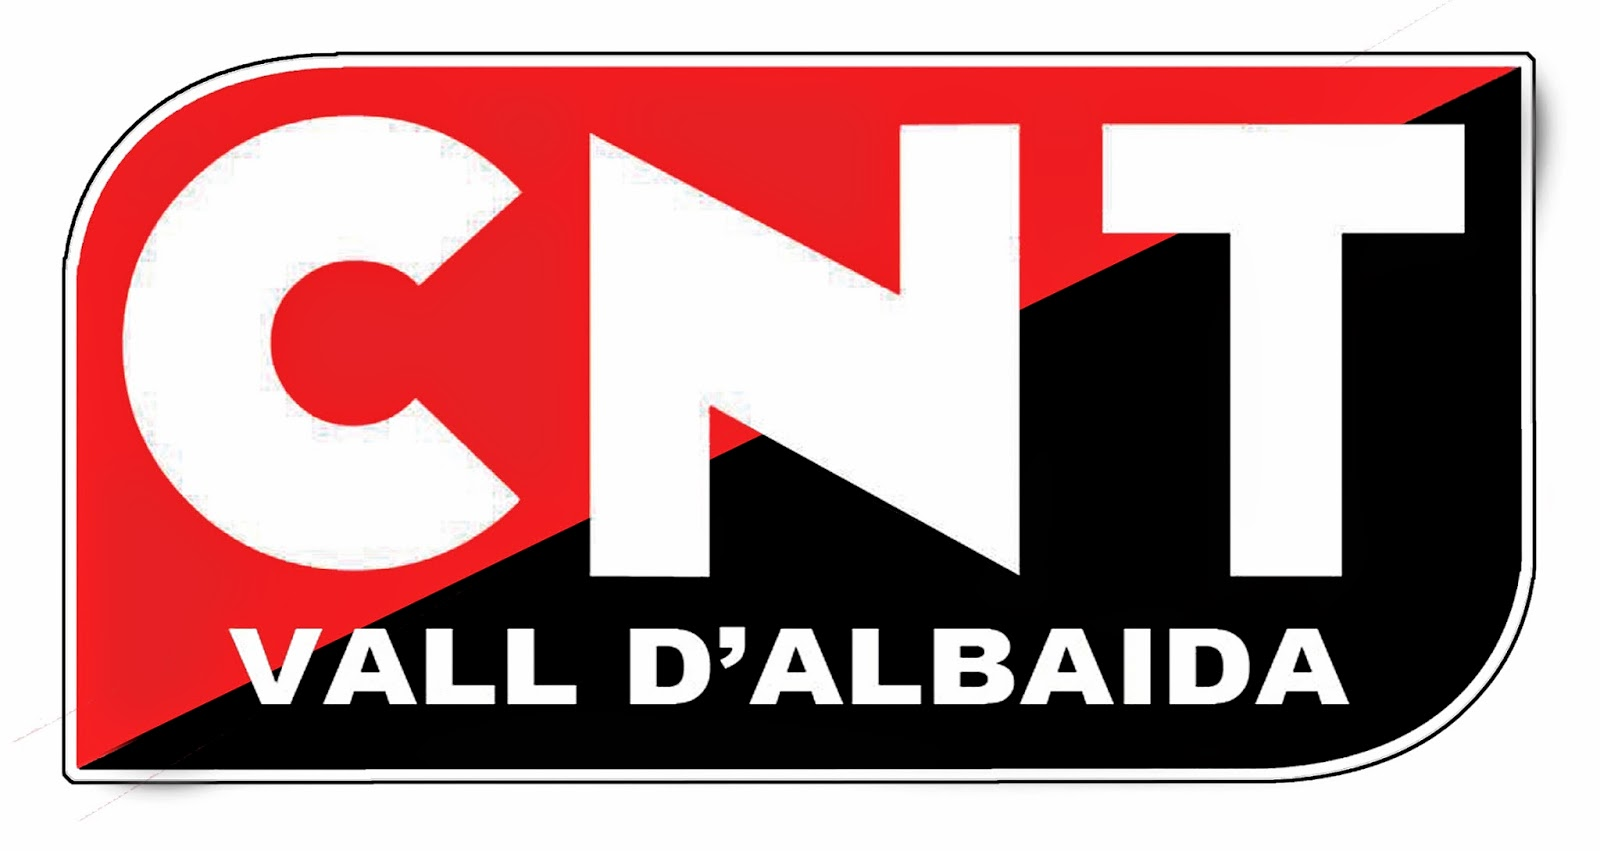 http://valldalbaidacnt.blogspot.com.es/